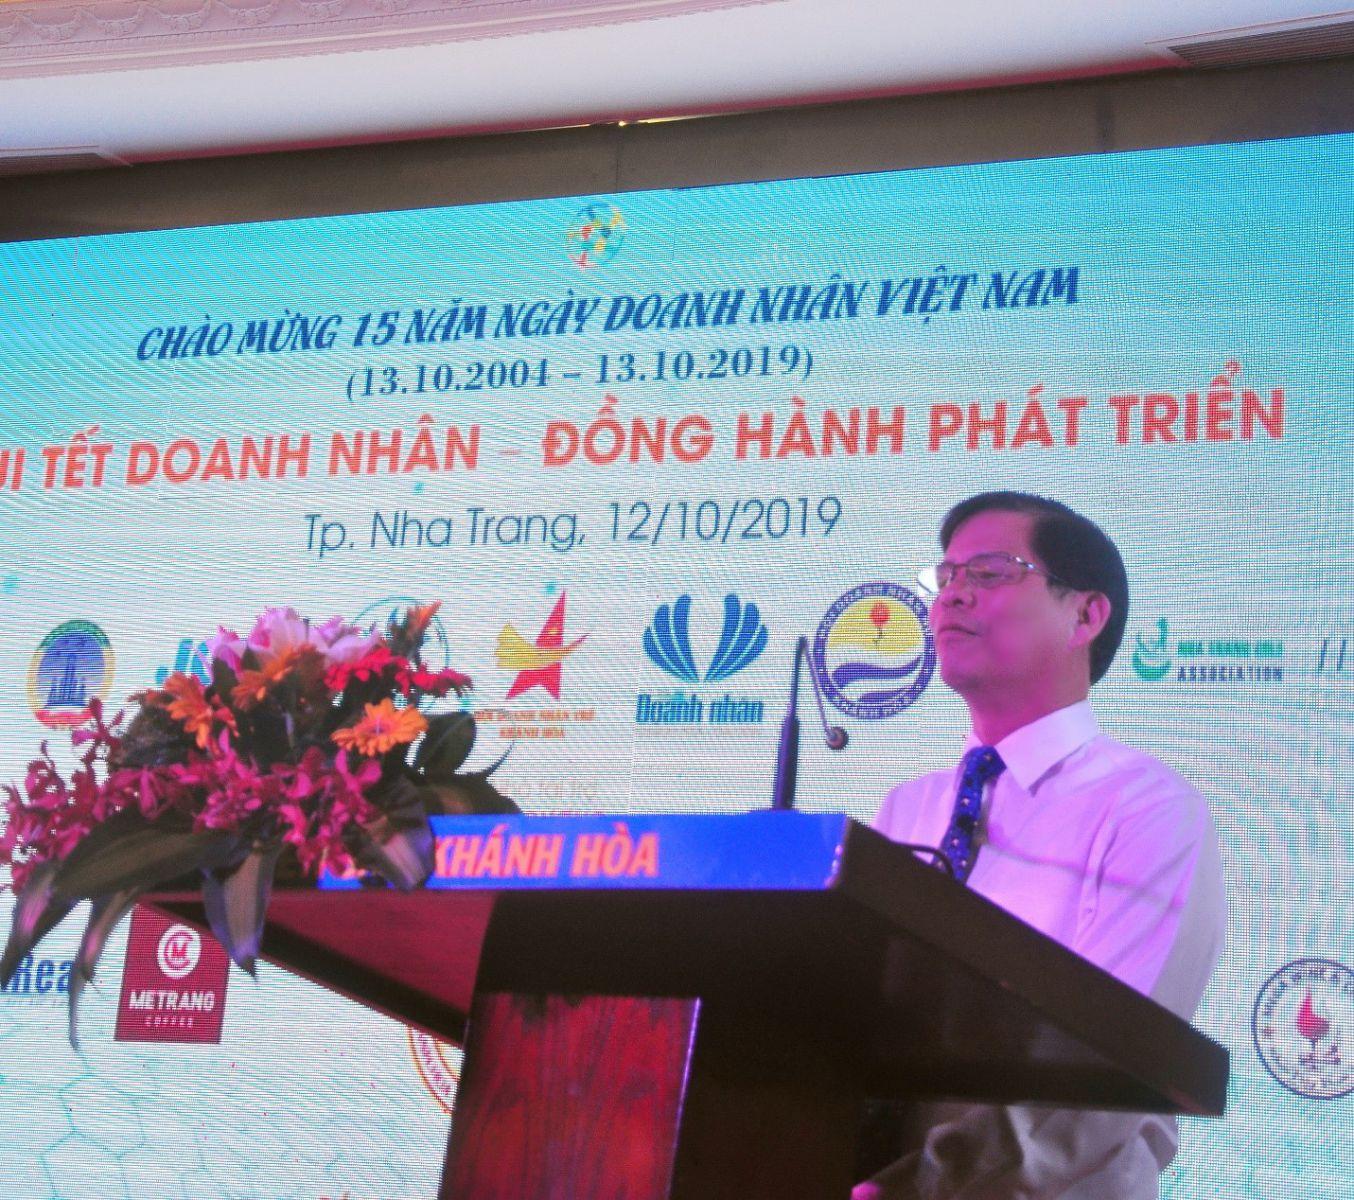 Ông Nguyễn Tấn Tuân - Phó Bí thư Thường trực Tỉnh ủy, Chủ tịch HĐND tỉnh Khánh Hòa phát biểu tại buổi lễ